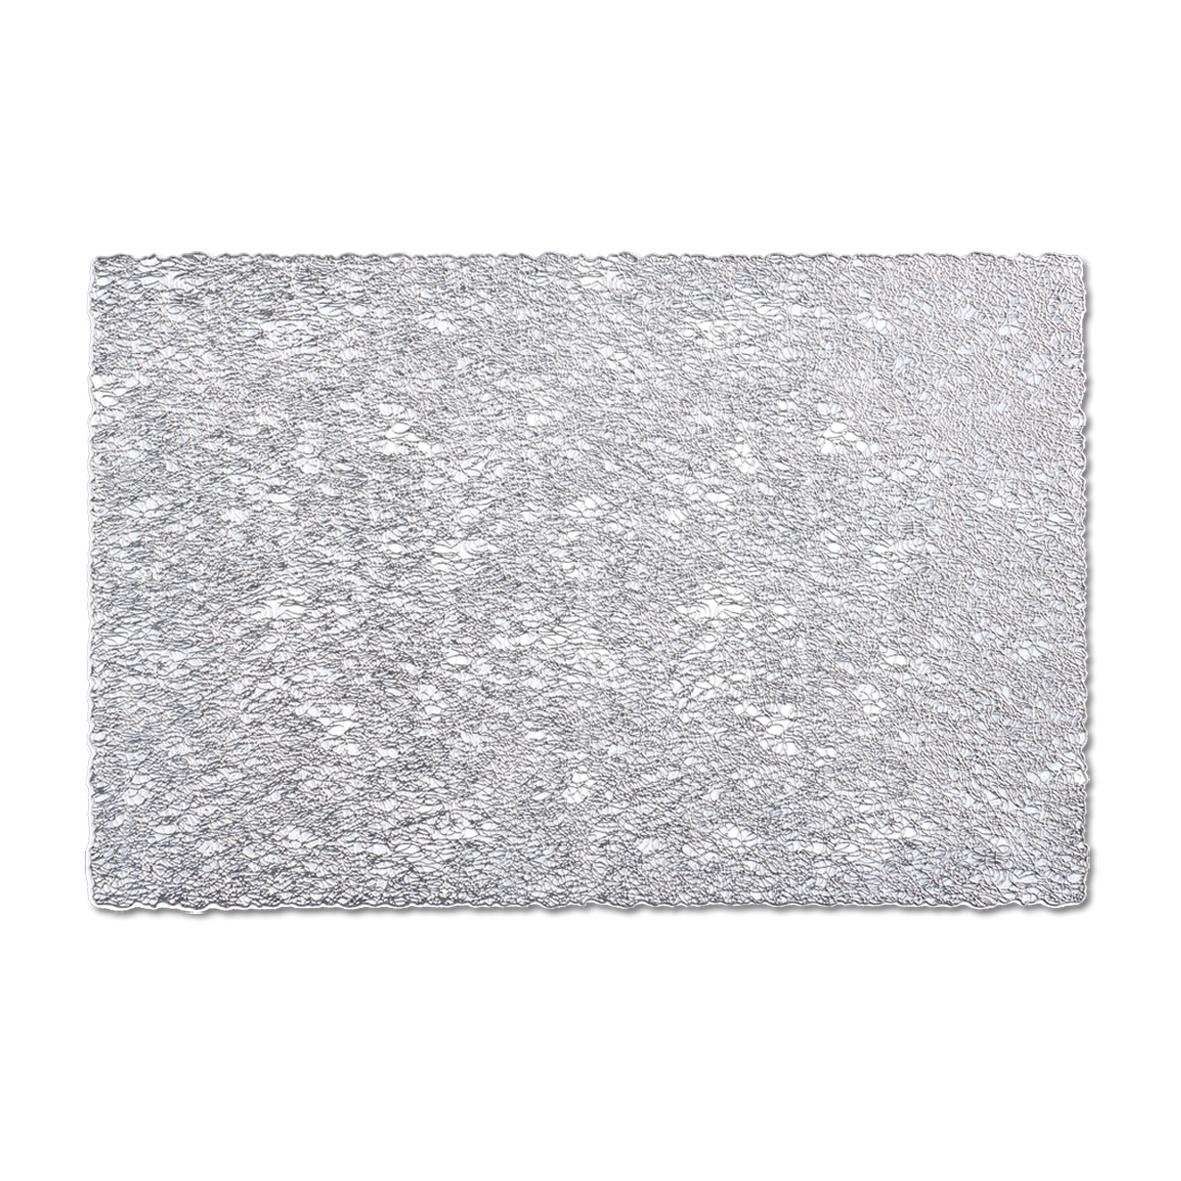 Фото - Подставка под горячее Zeller 30х45 см серебро подставка под горячее zeller 35 см серый